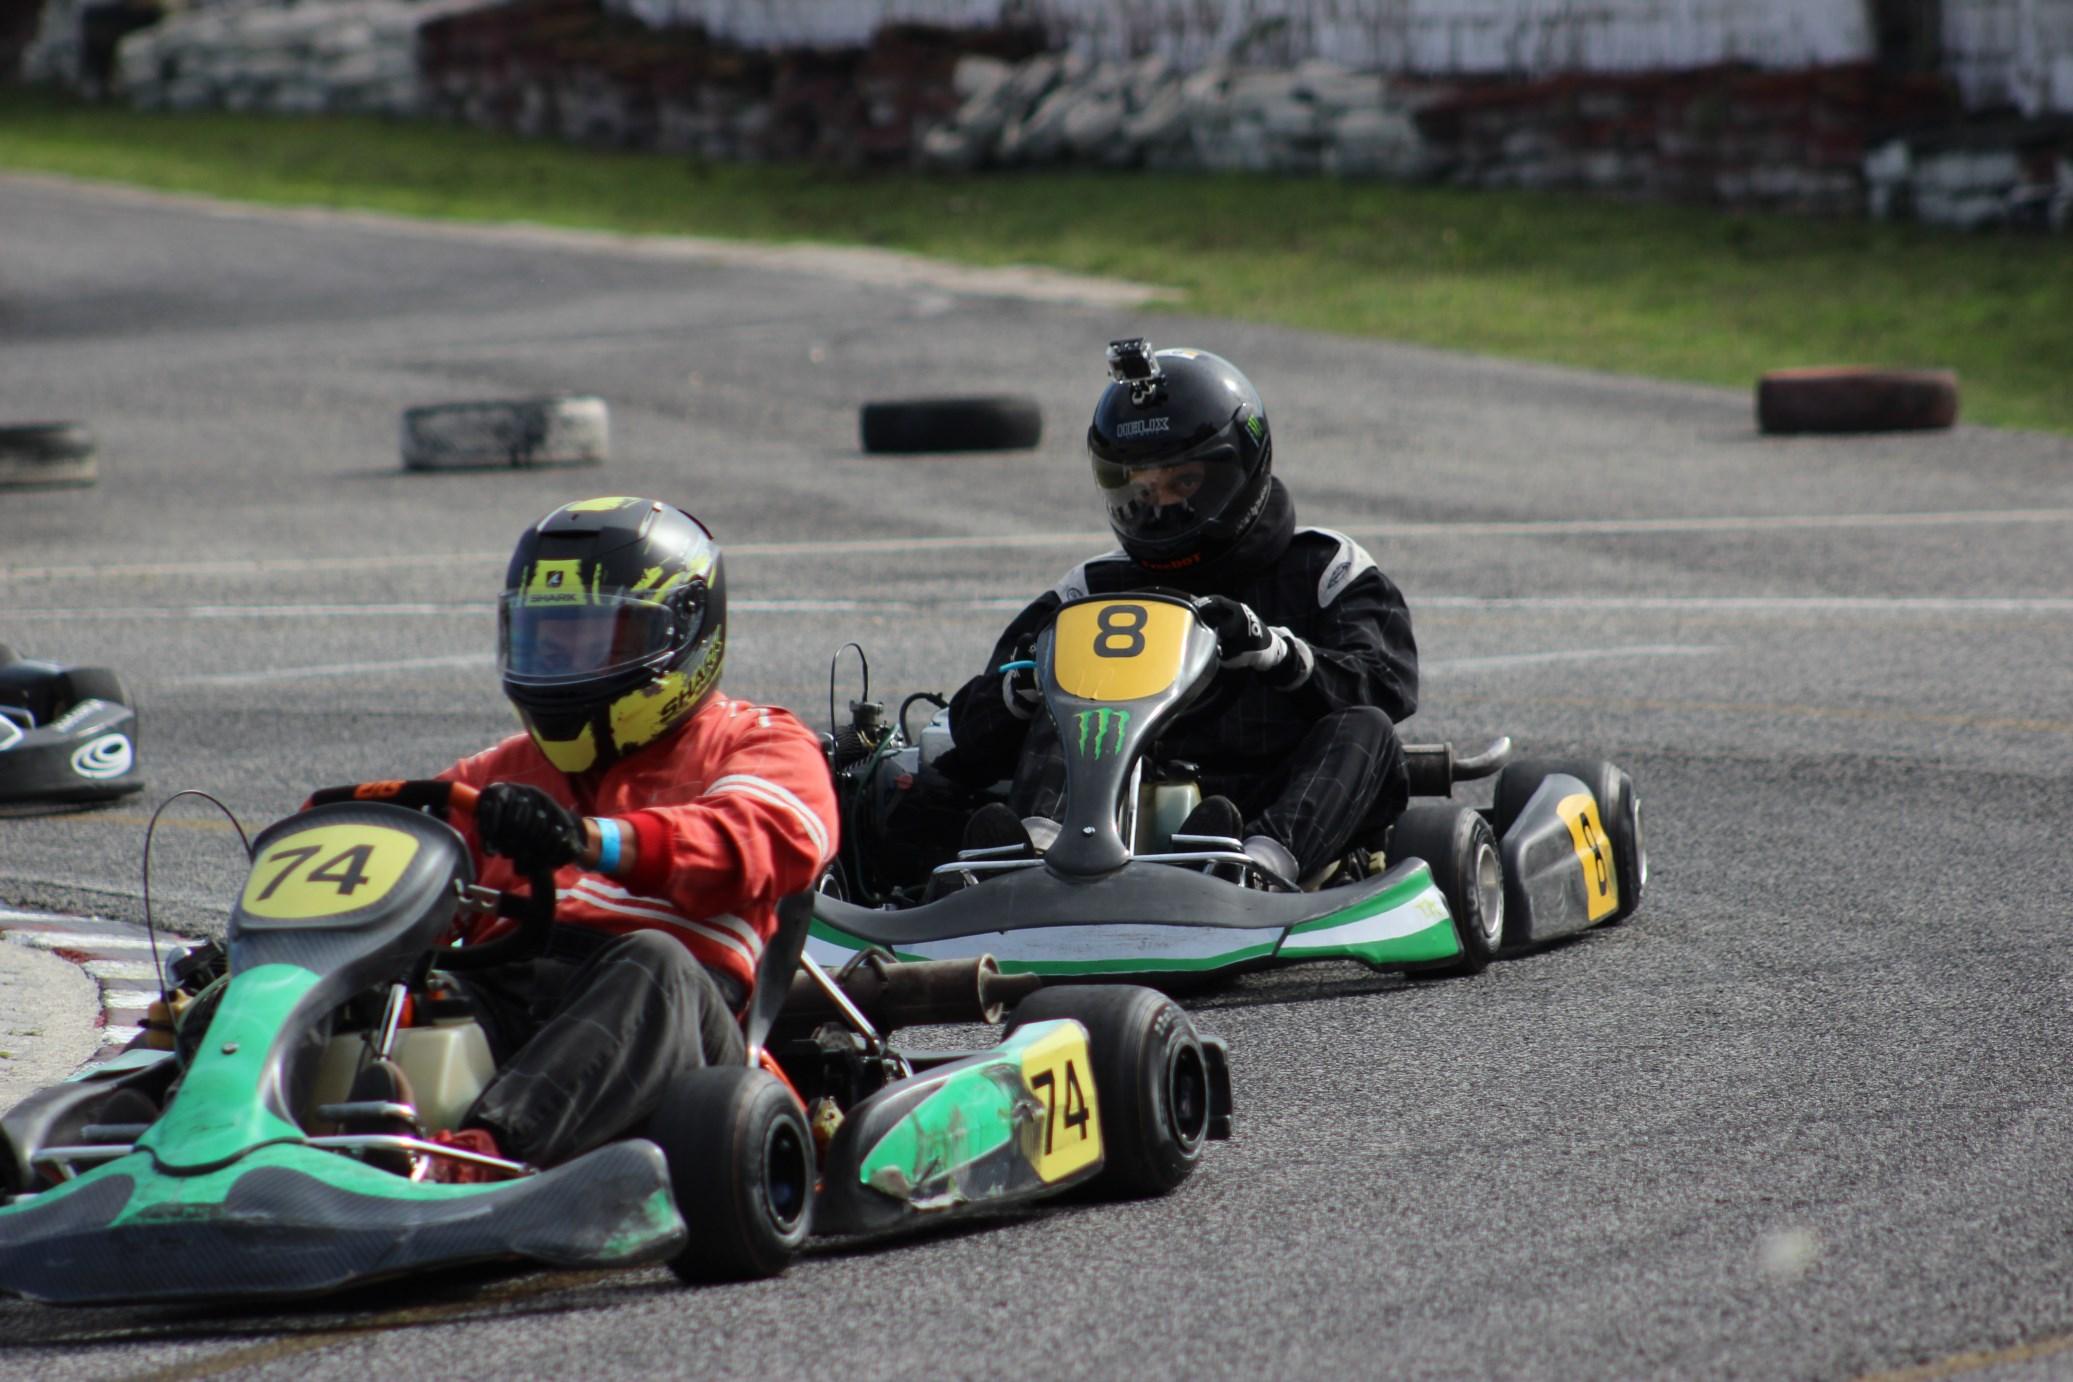 Troféu Honda 2014 - 4ª Prova202